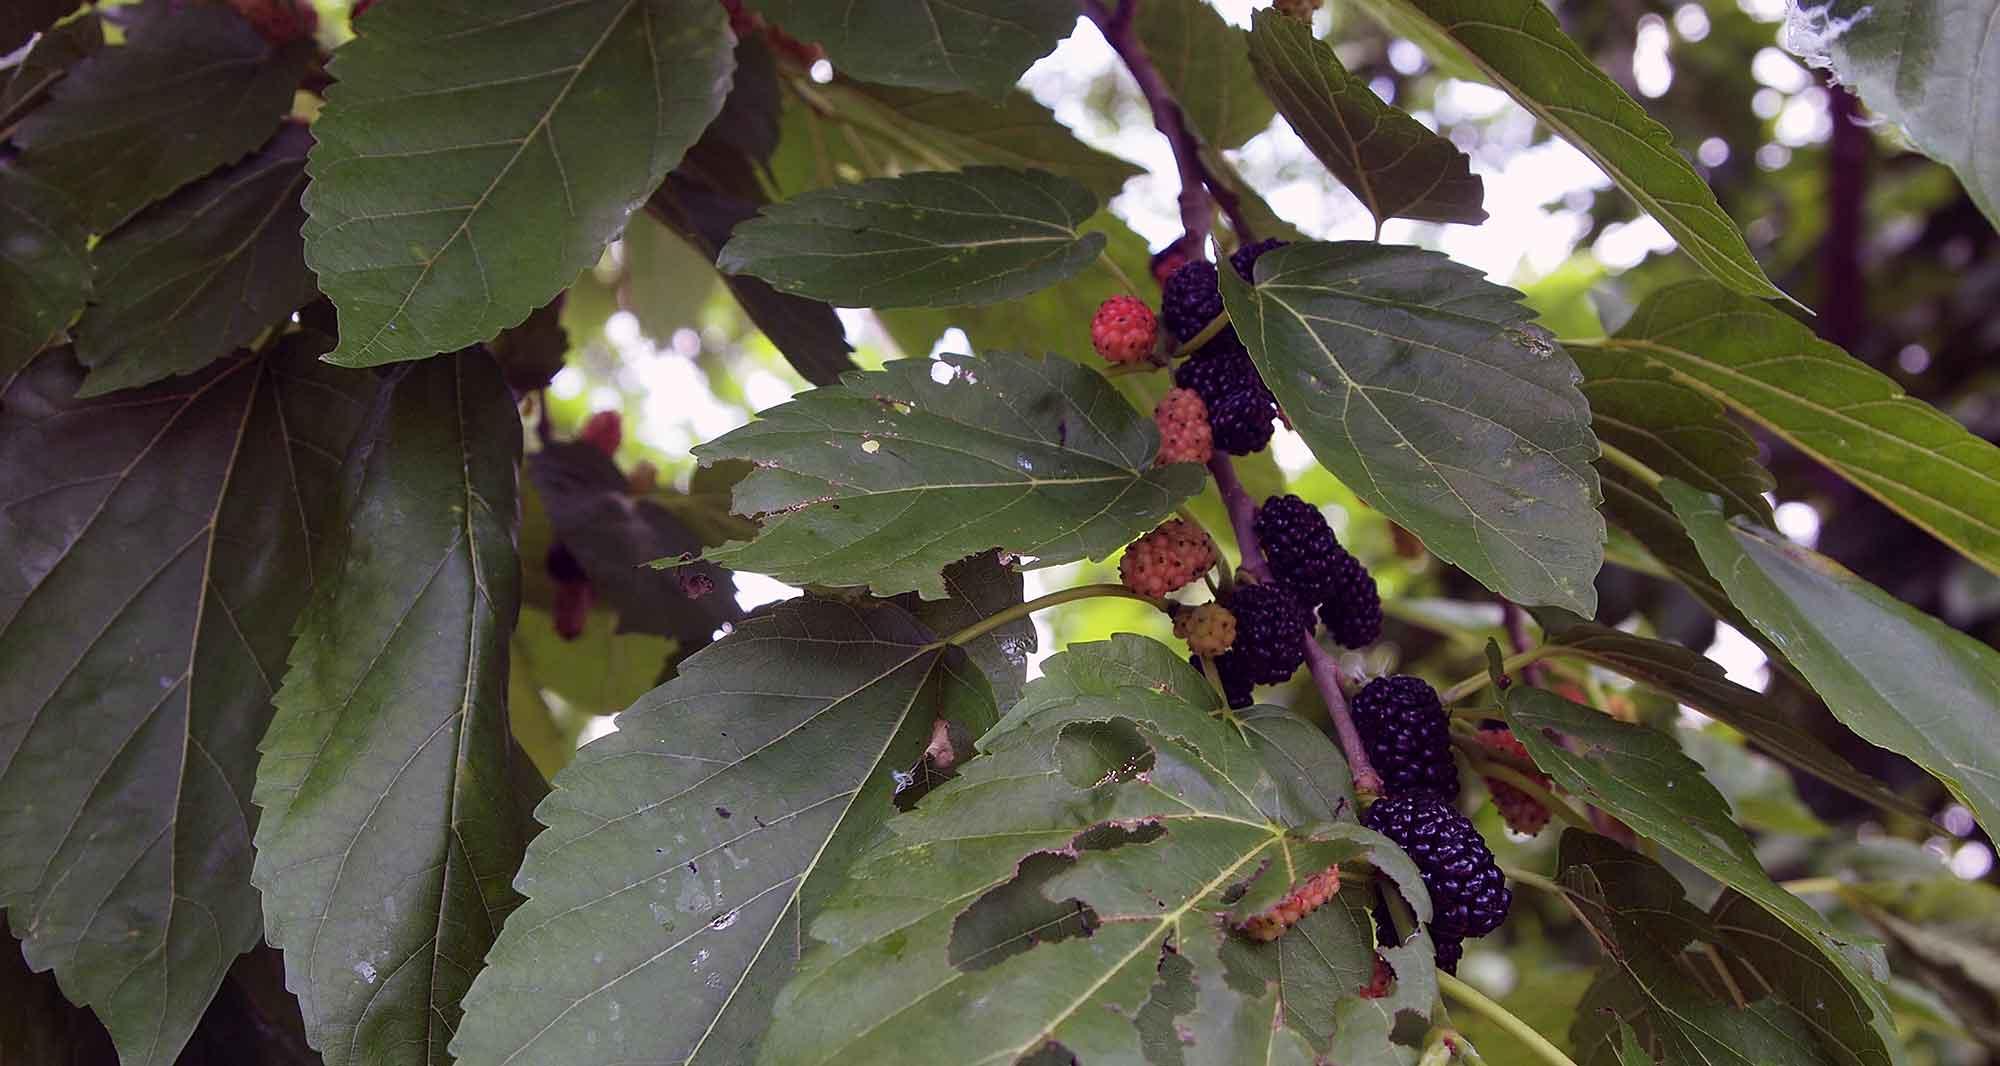 熟れた黒い実と赤い実を採ります